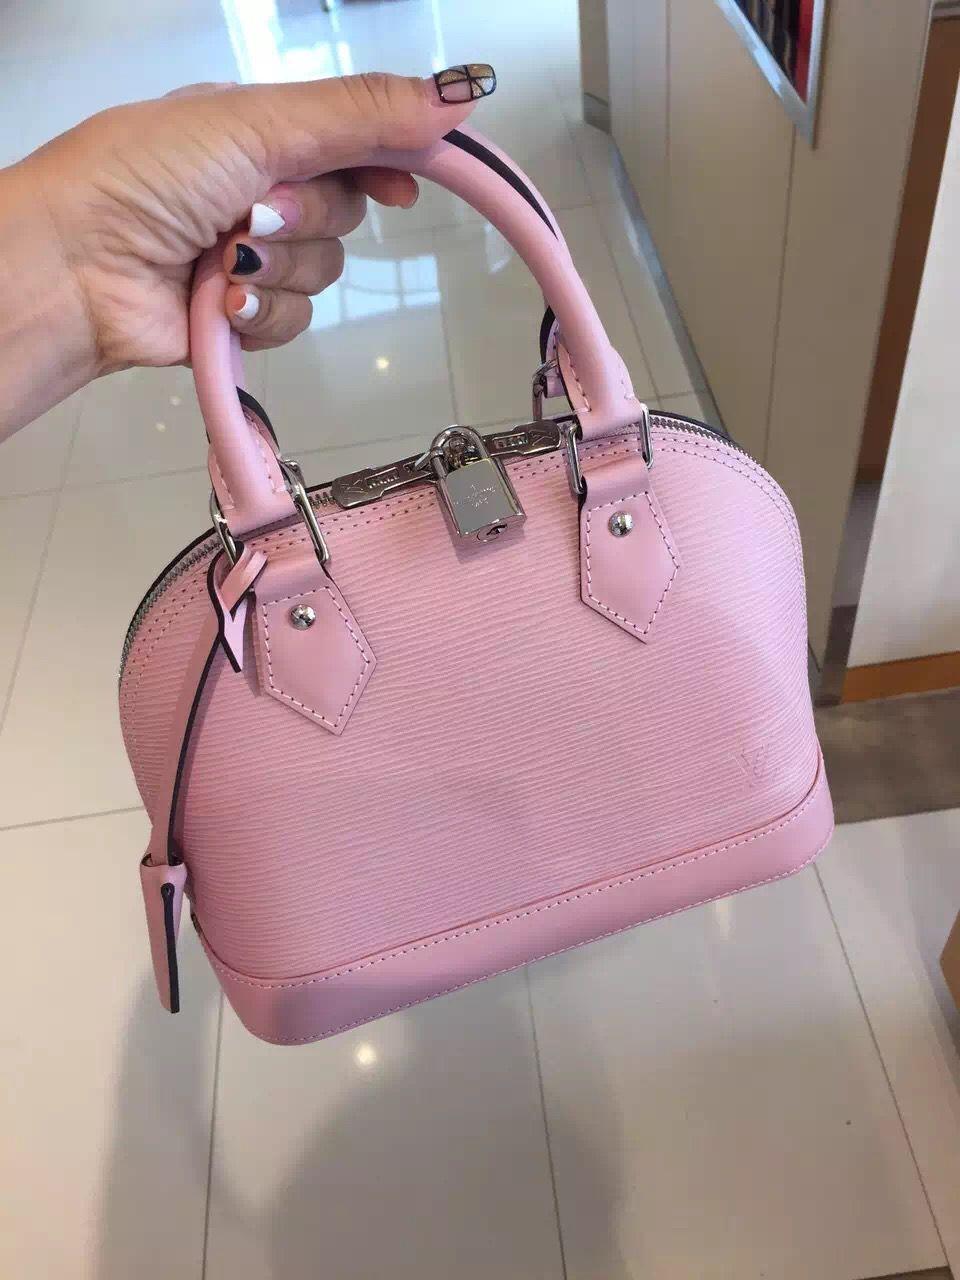 56ebf2e518e4 Louis Vuitton Alma BB Bag M41327 Rose Ballerine